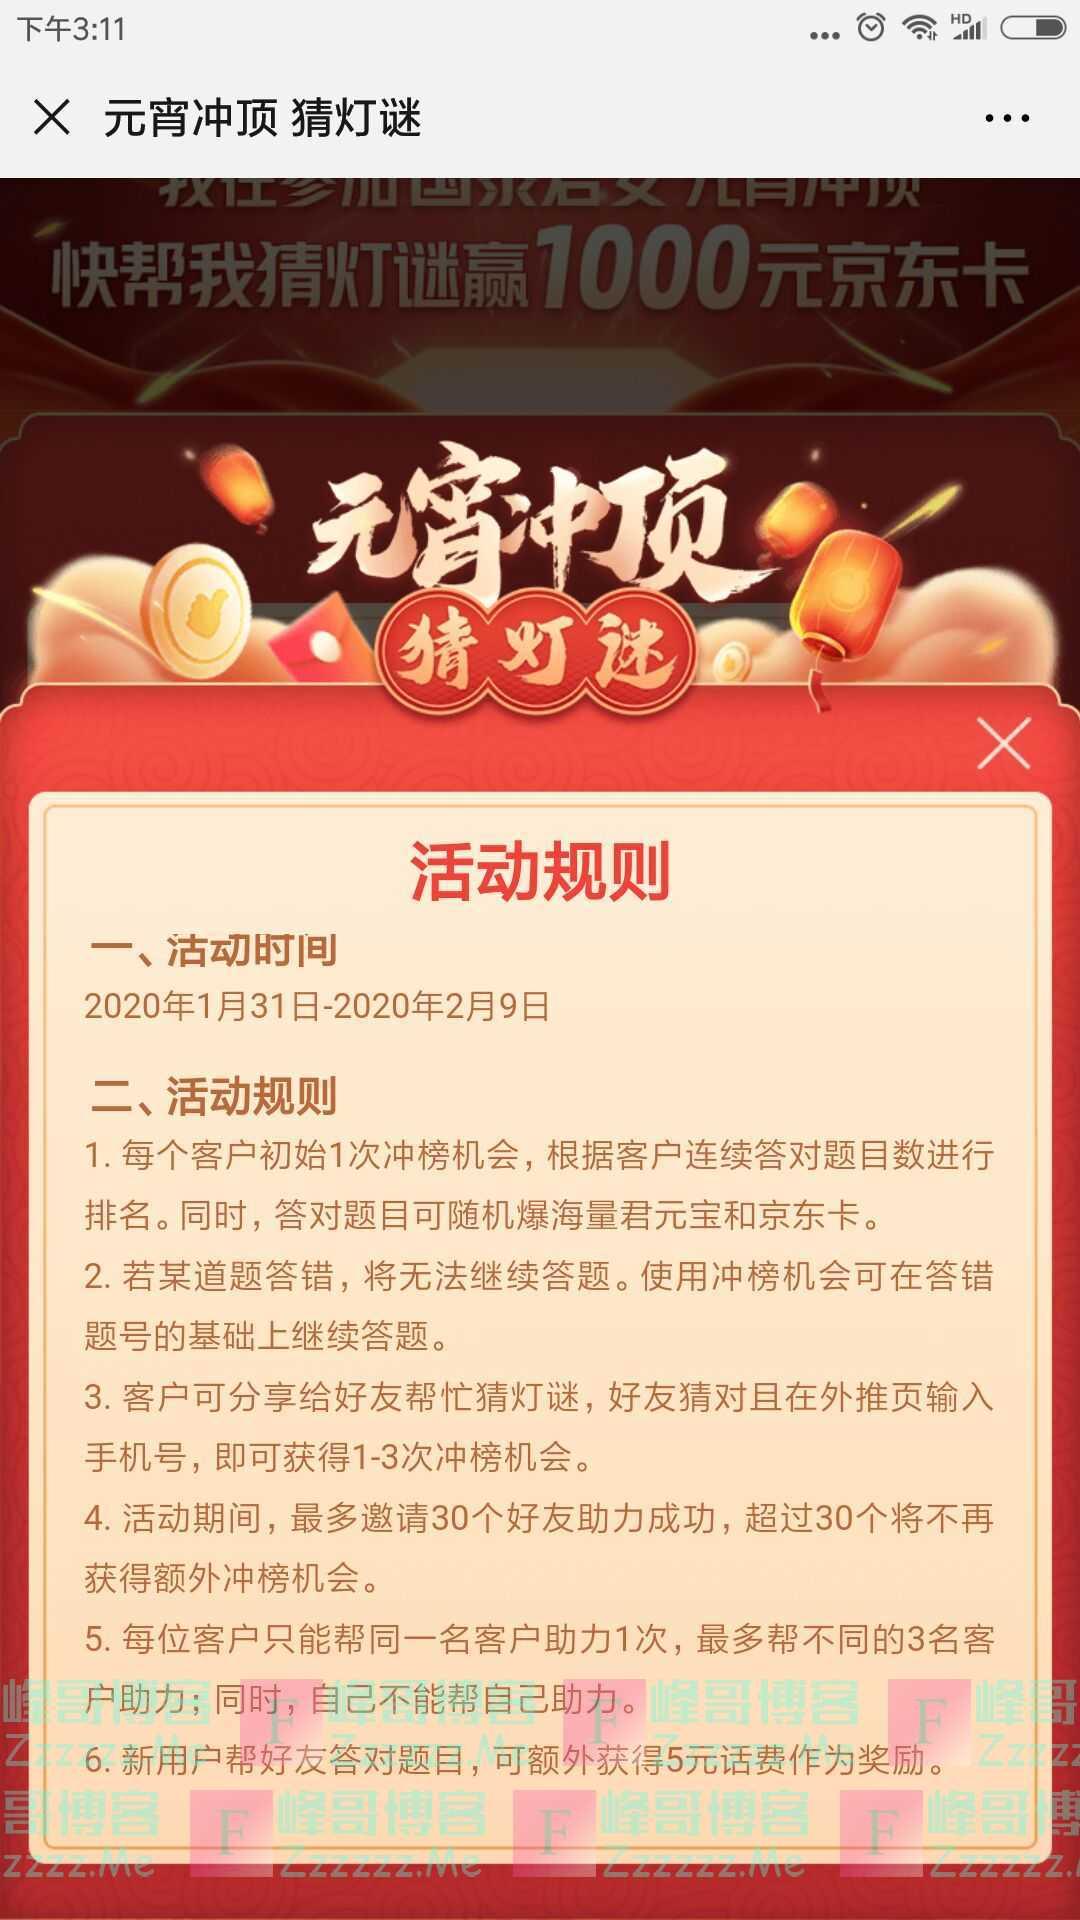 国泰君安君弘元宵冲顶猜灯谜(截止2月9日)